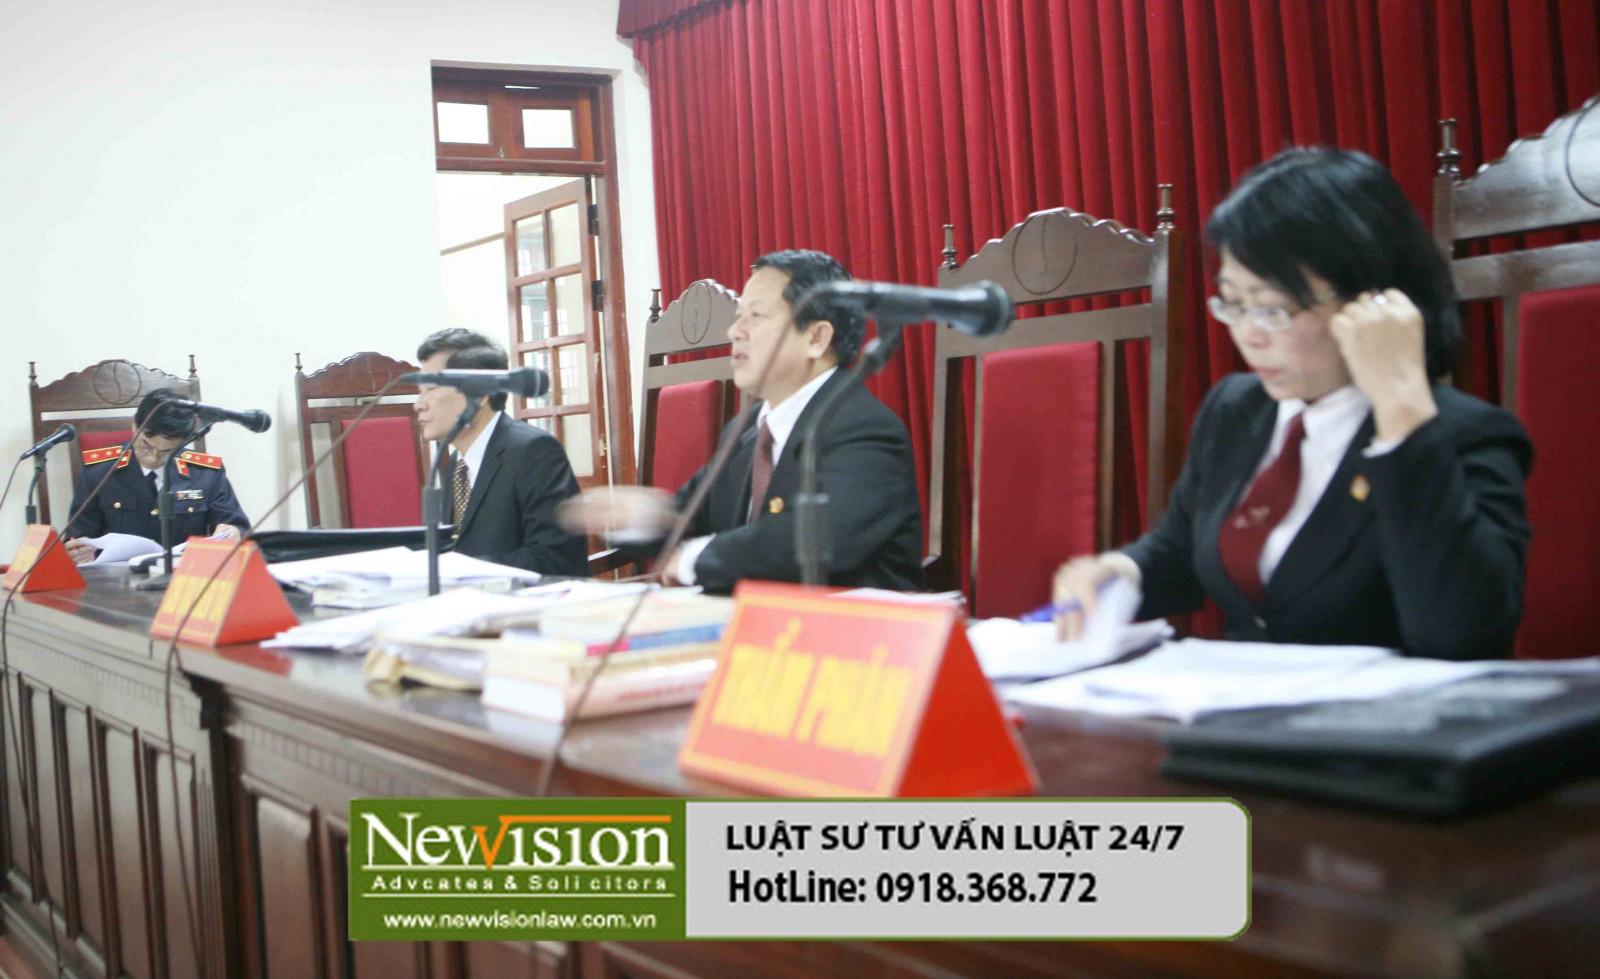 Luật sư Newvision Law bảo vệ quyền lợi ích hợp pháp cho nguyên đơn